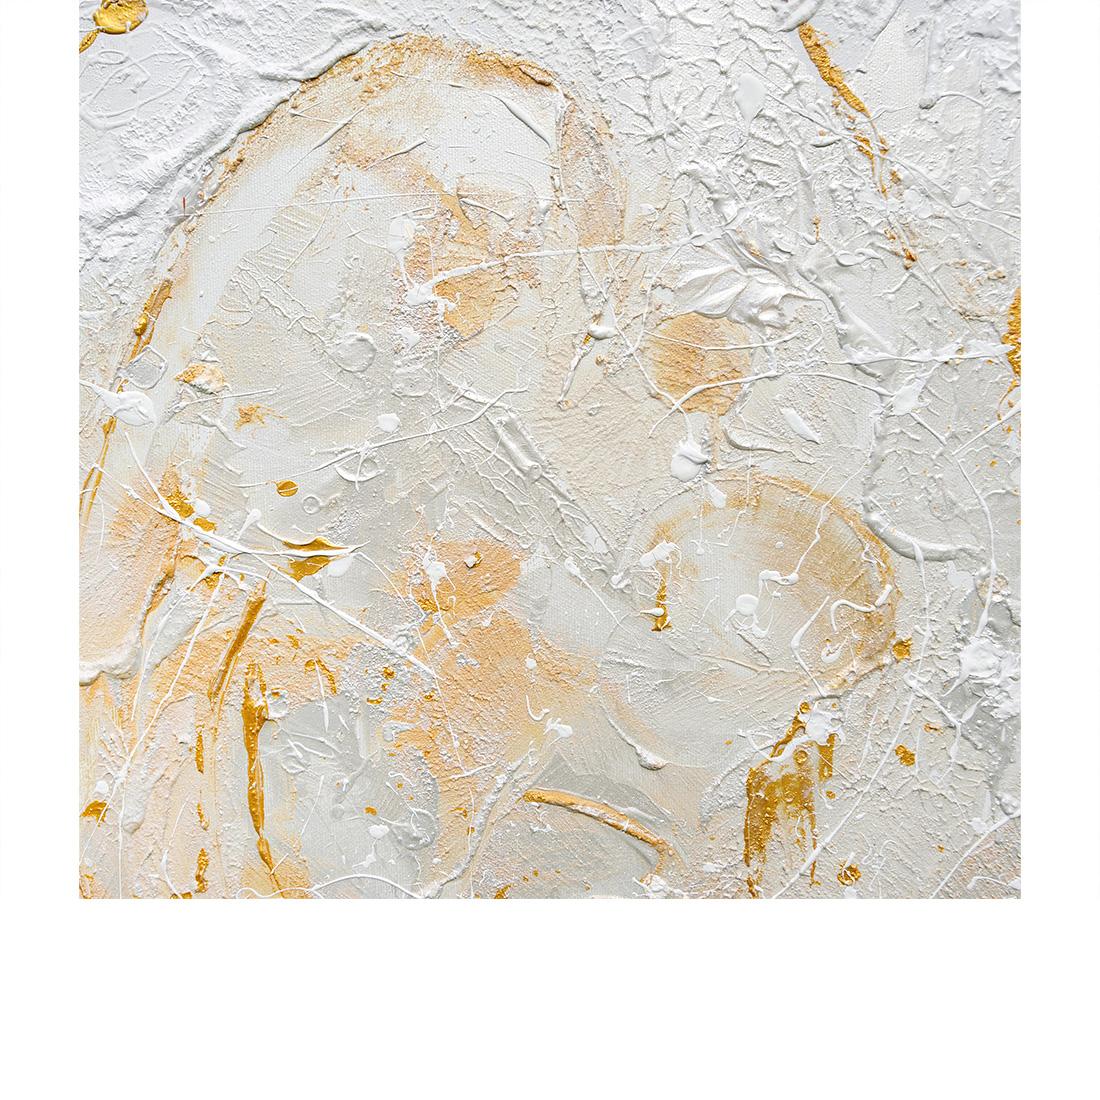 Maternità - Acrilico e Marmo su Tela - 70 x 100 - 2015-D